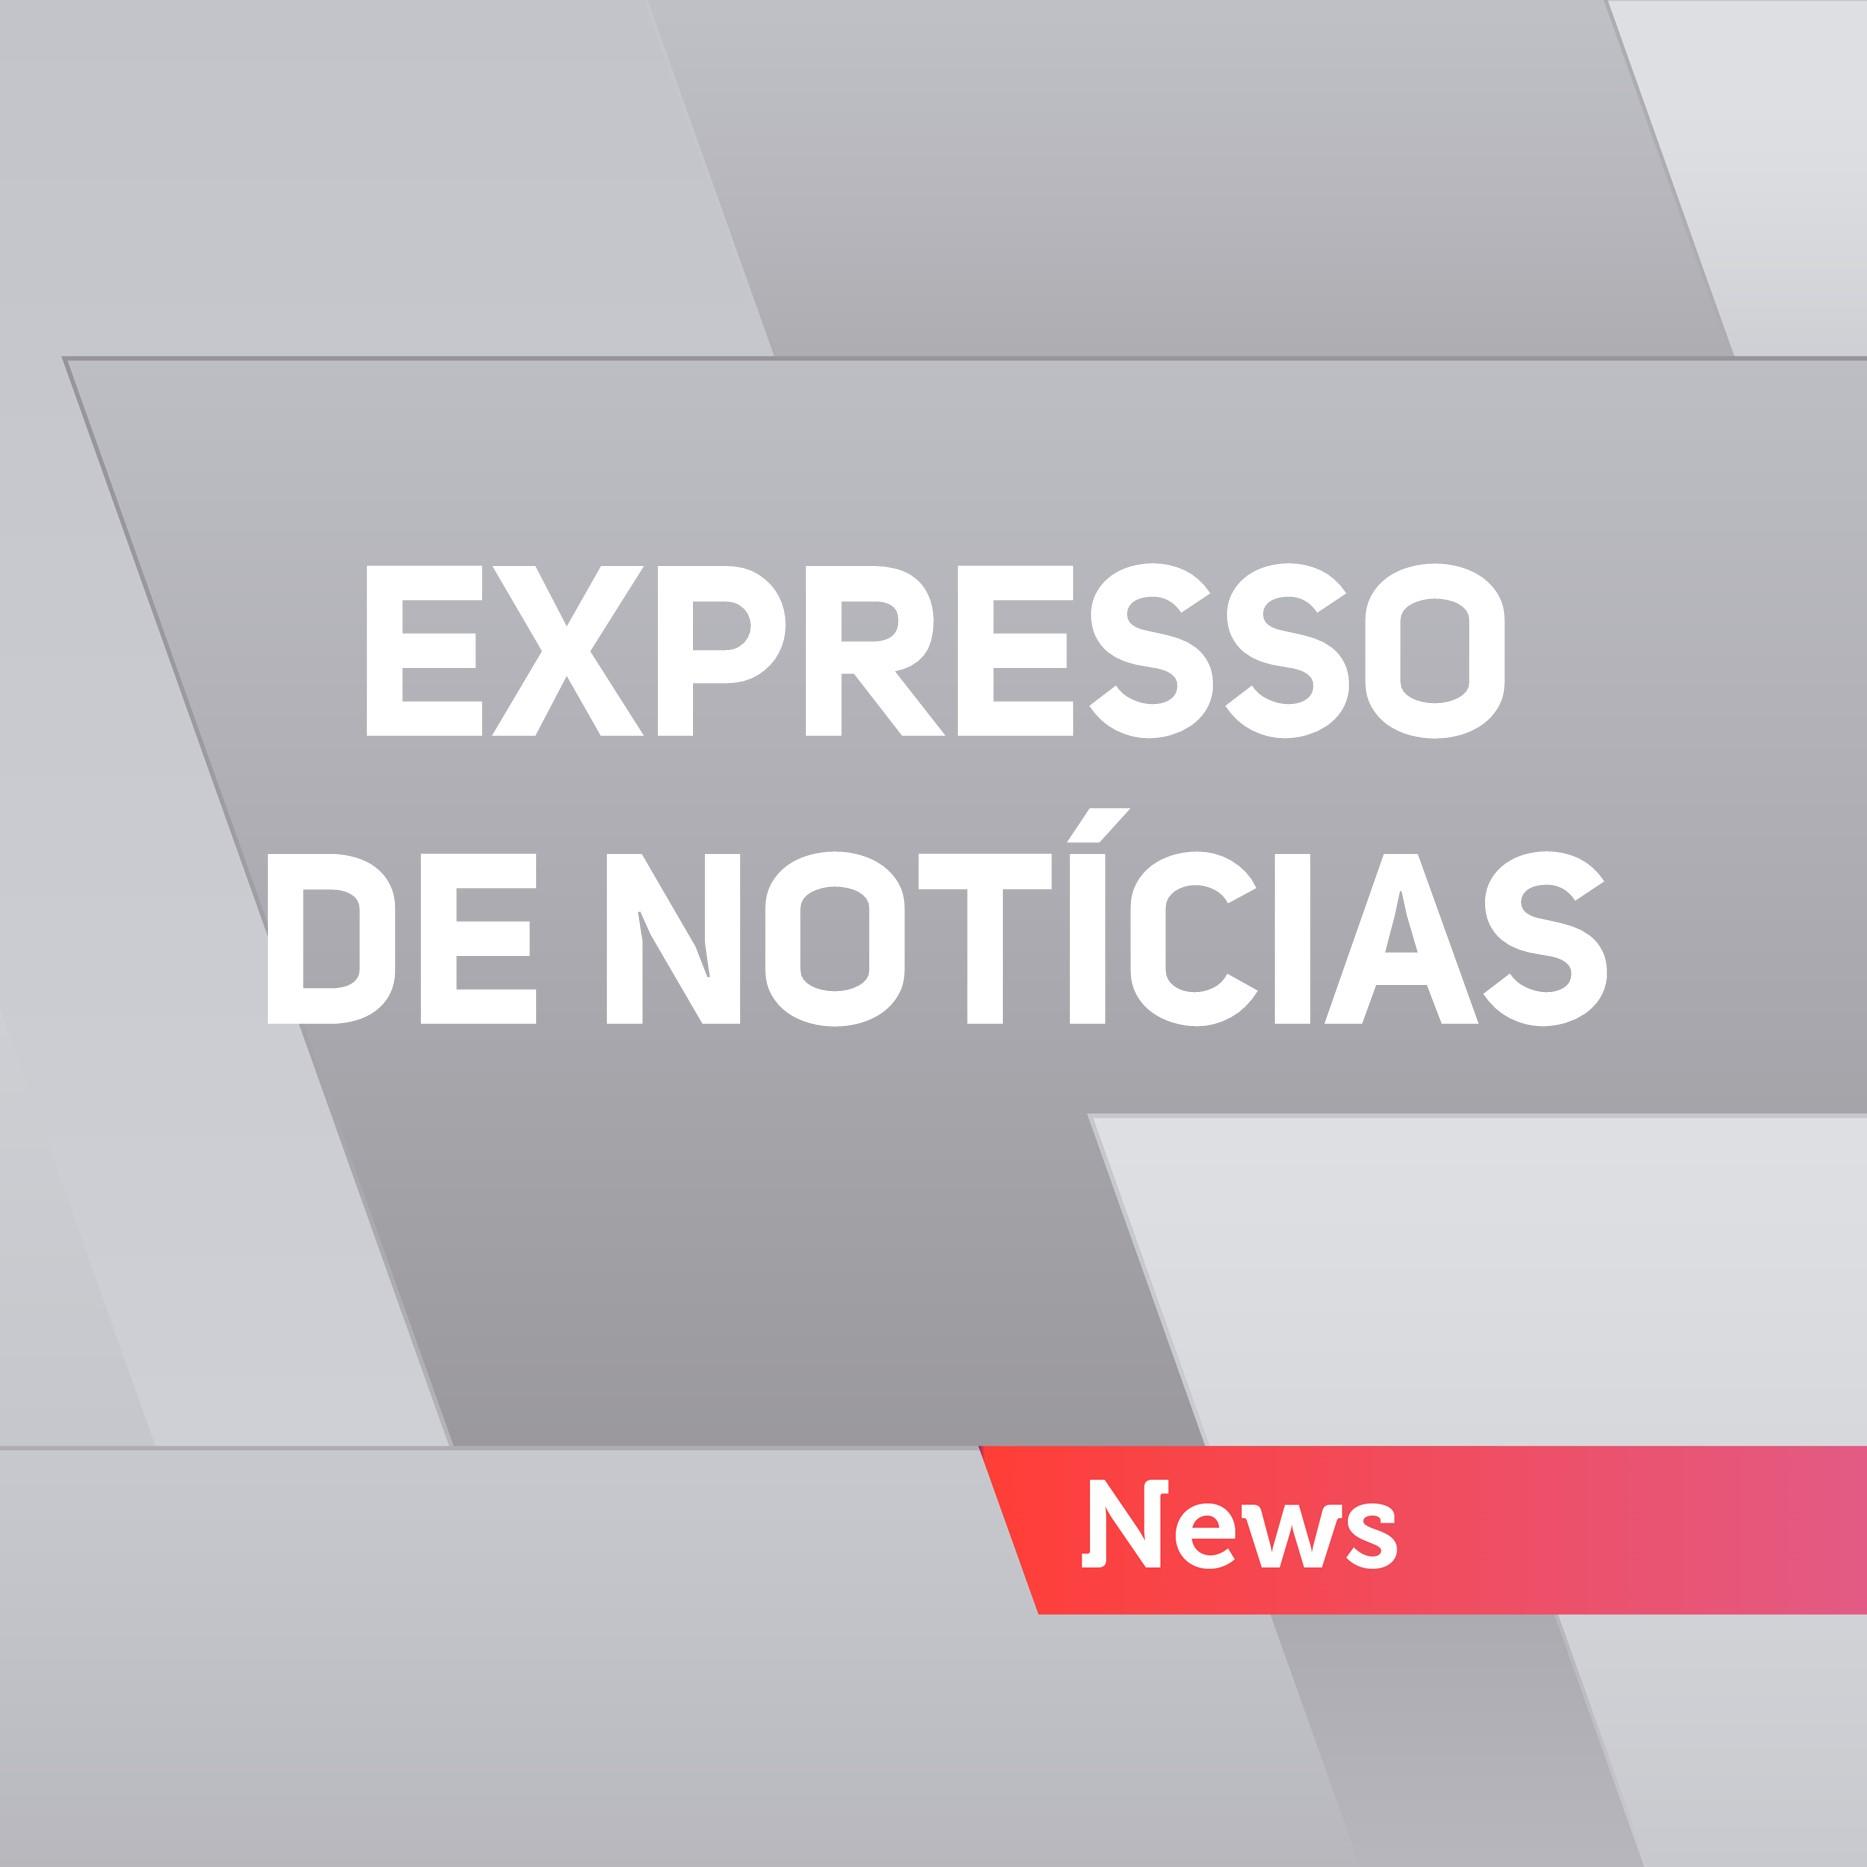 Expresso de Notícias do Gaúcha Hoje – 23/08/2017